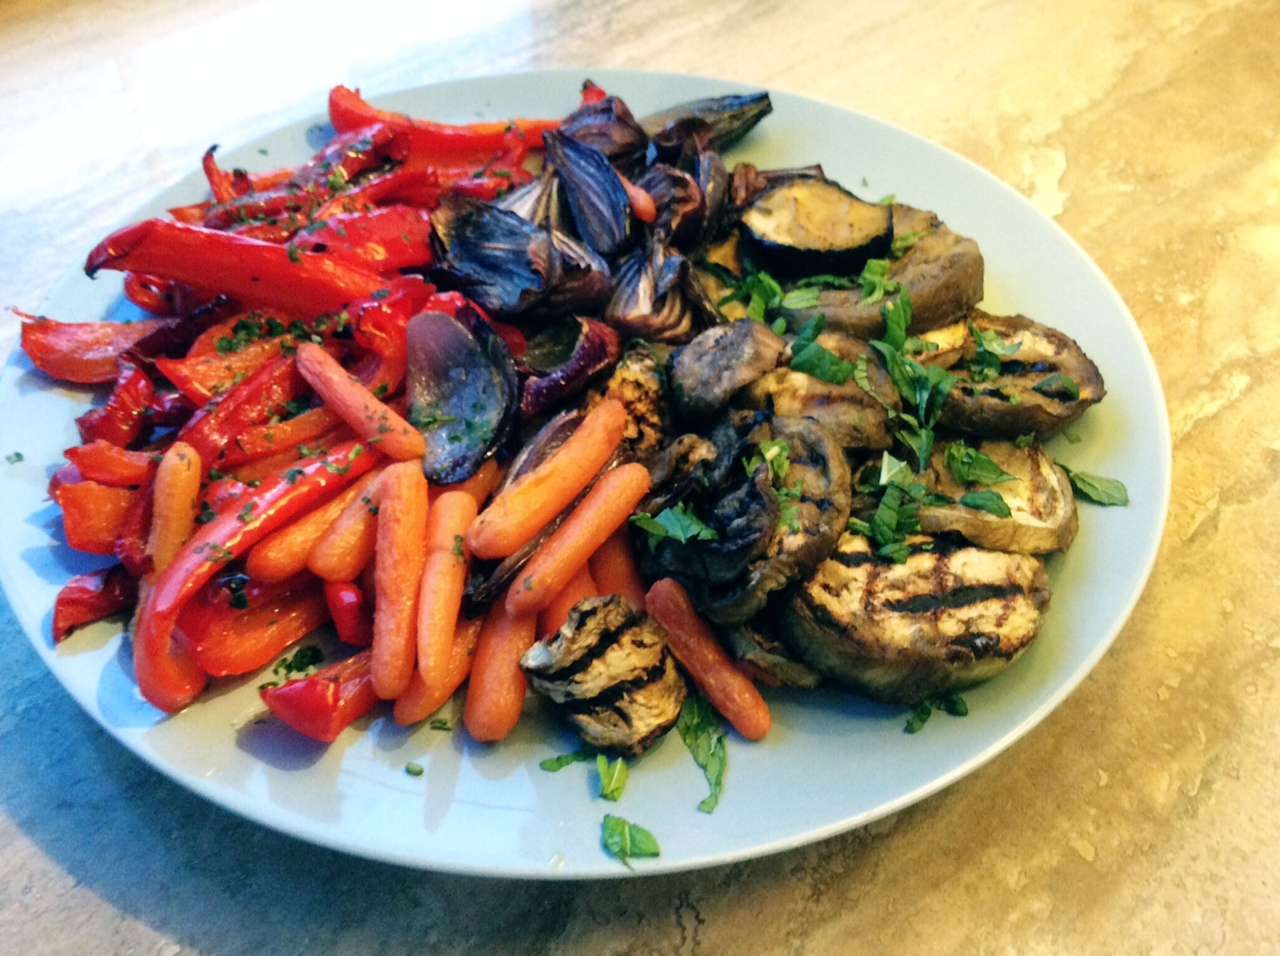 Piatto tondo con verdure grigliate multicolori